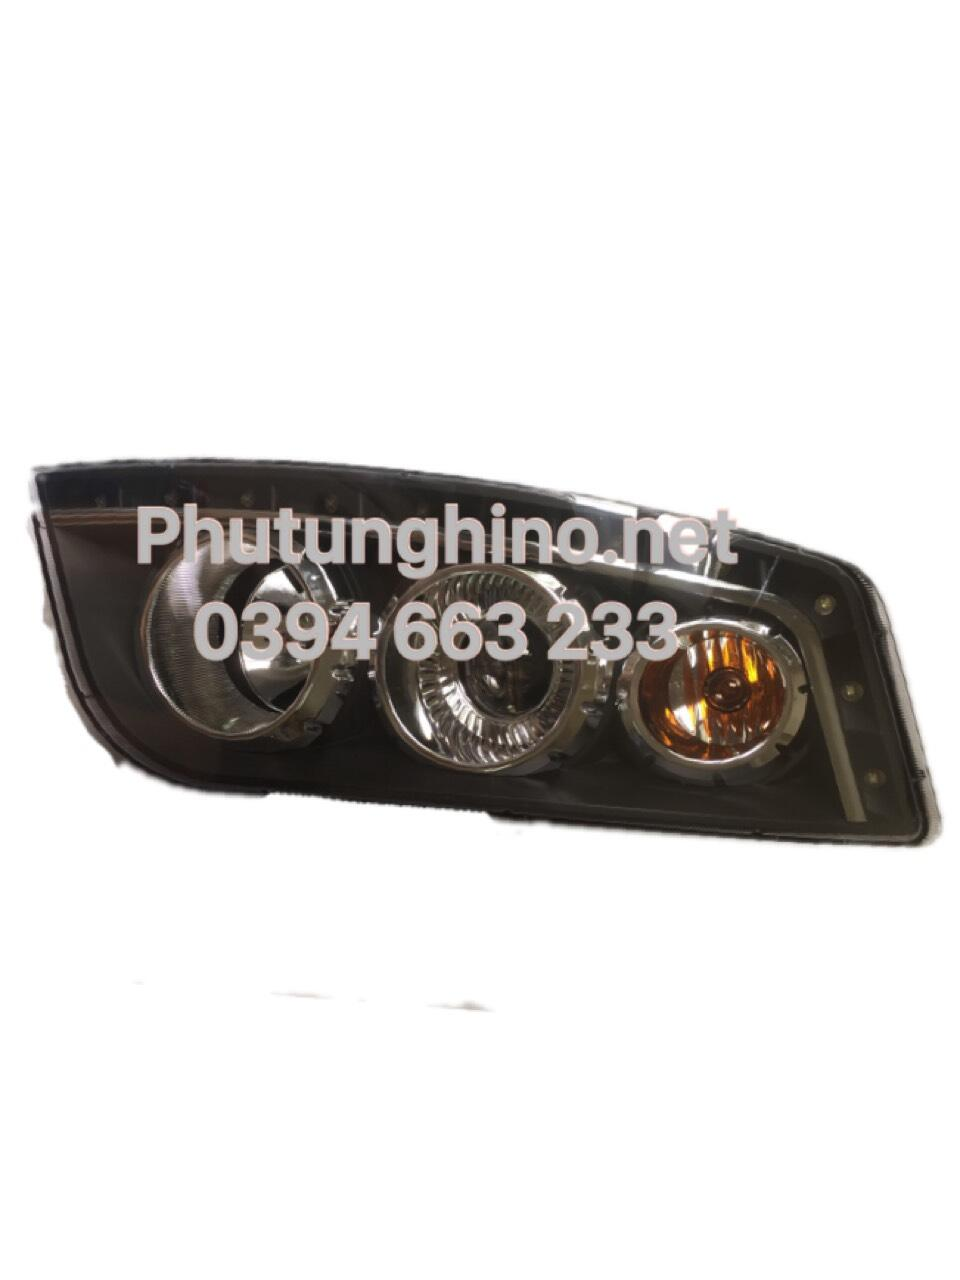 Đèn Pha Xe Khách IsuZu SamCo 4HK1 5.2 Lít Hàng Nhập Khẩu Cao Cấp